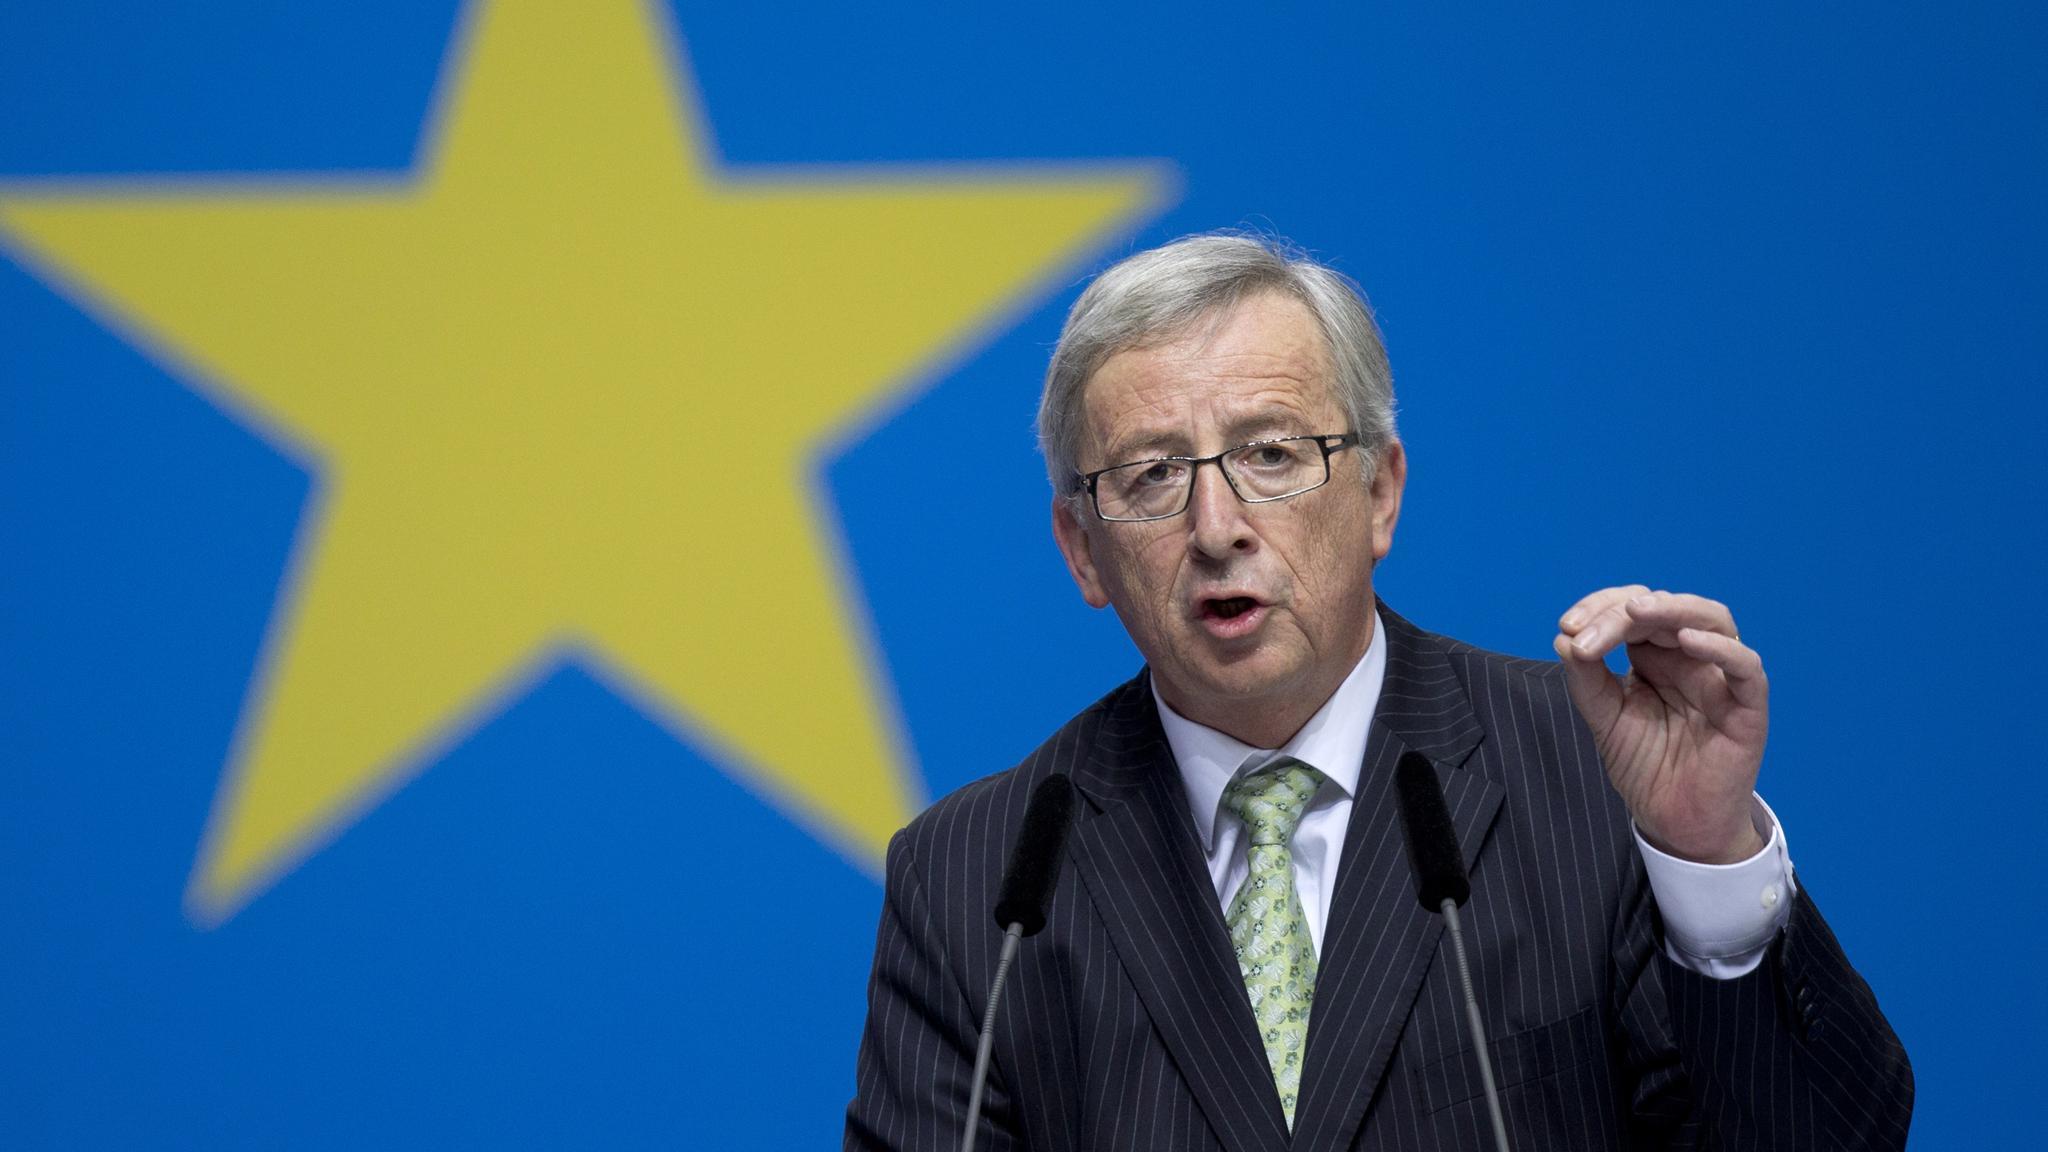 جانكر يُعرب عن تفاؤله بشأن المحادثات مع الحكومة اليونانية